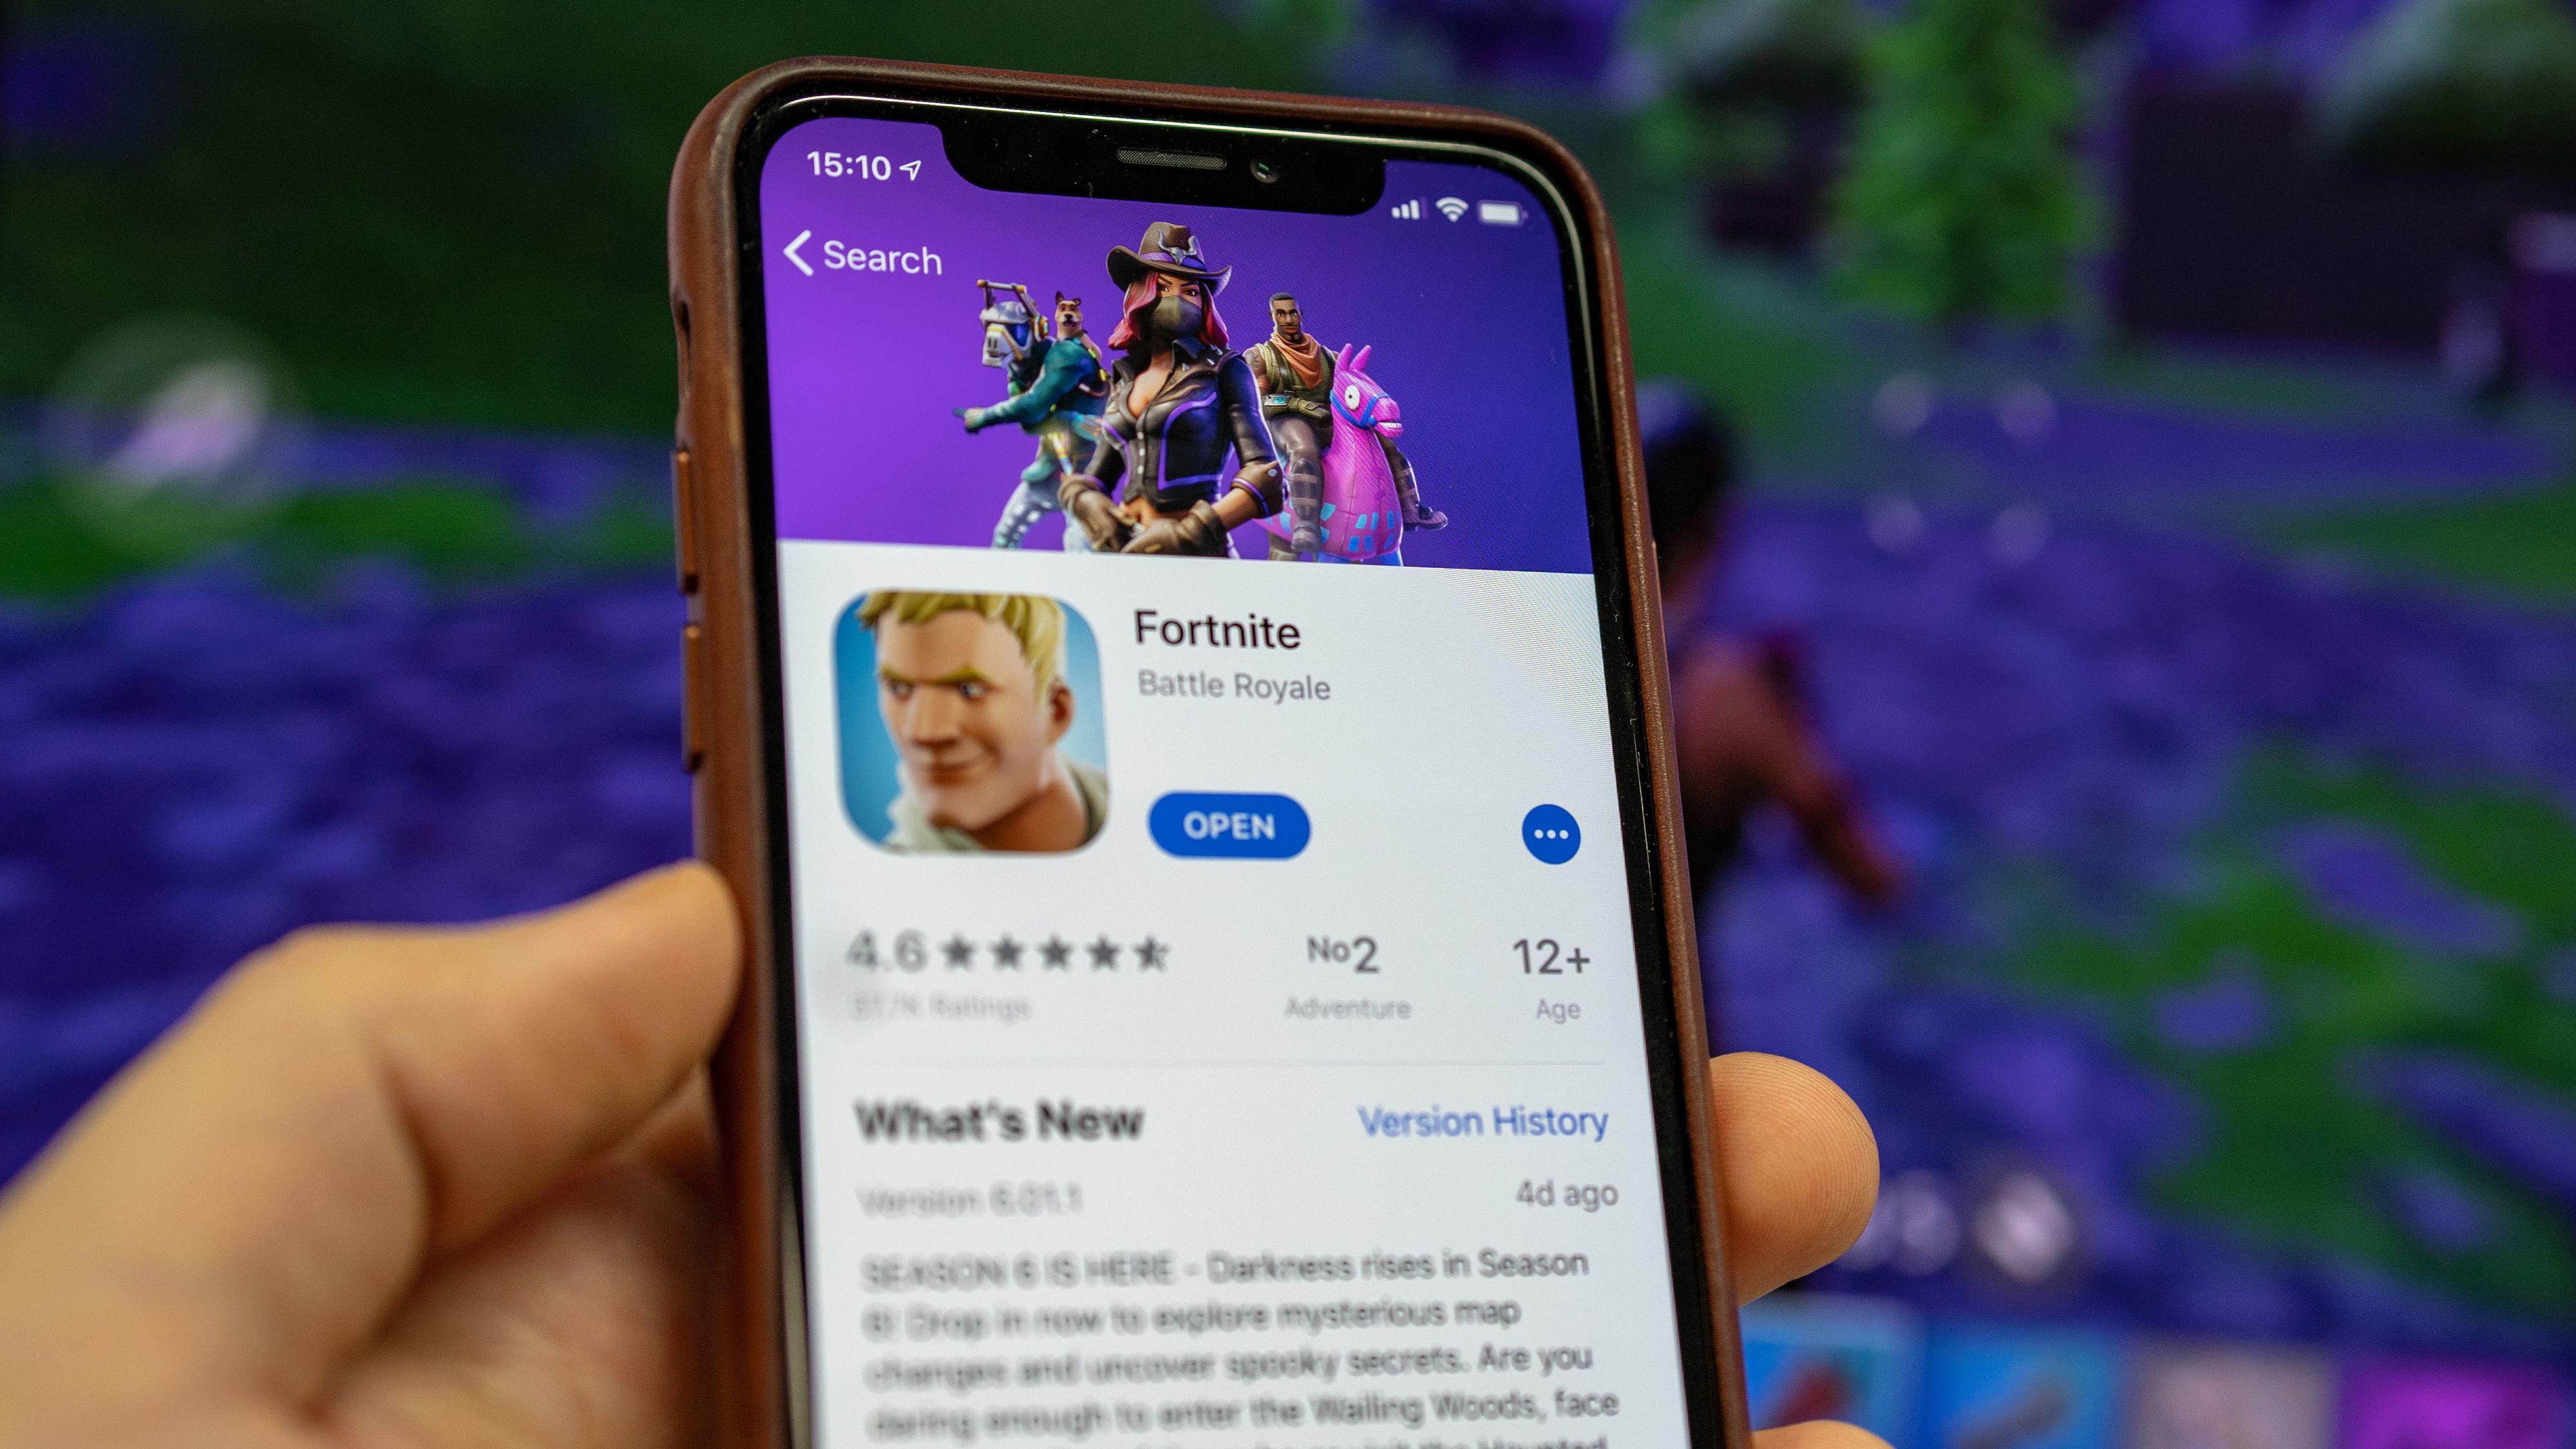 Fortnite for iOS har eksistert helt siden mars. Hos Apple har imidlertid ikke Epic noe annet valg enn å gå via den offisielle app-butikken.